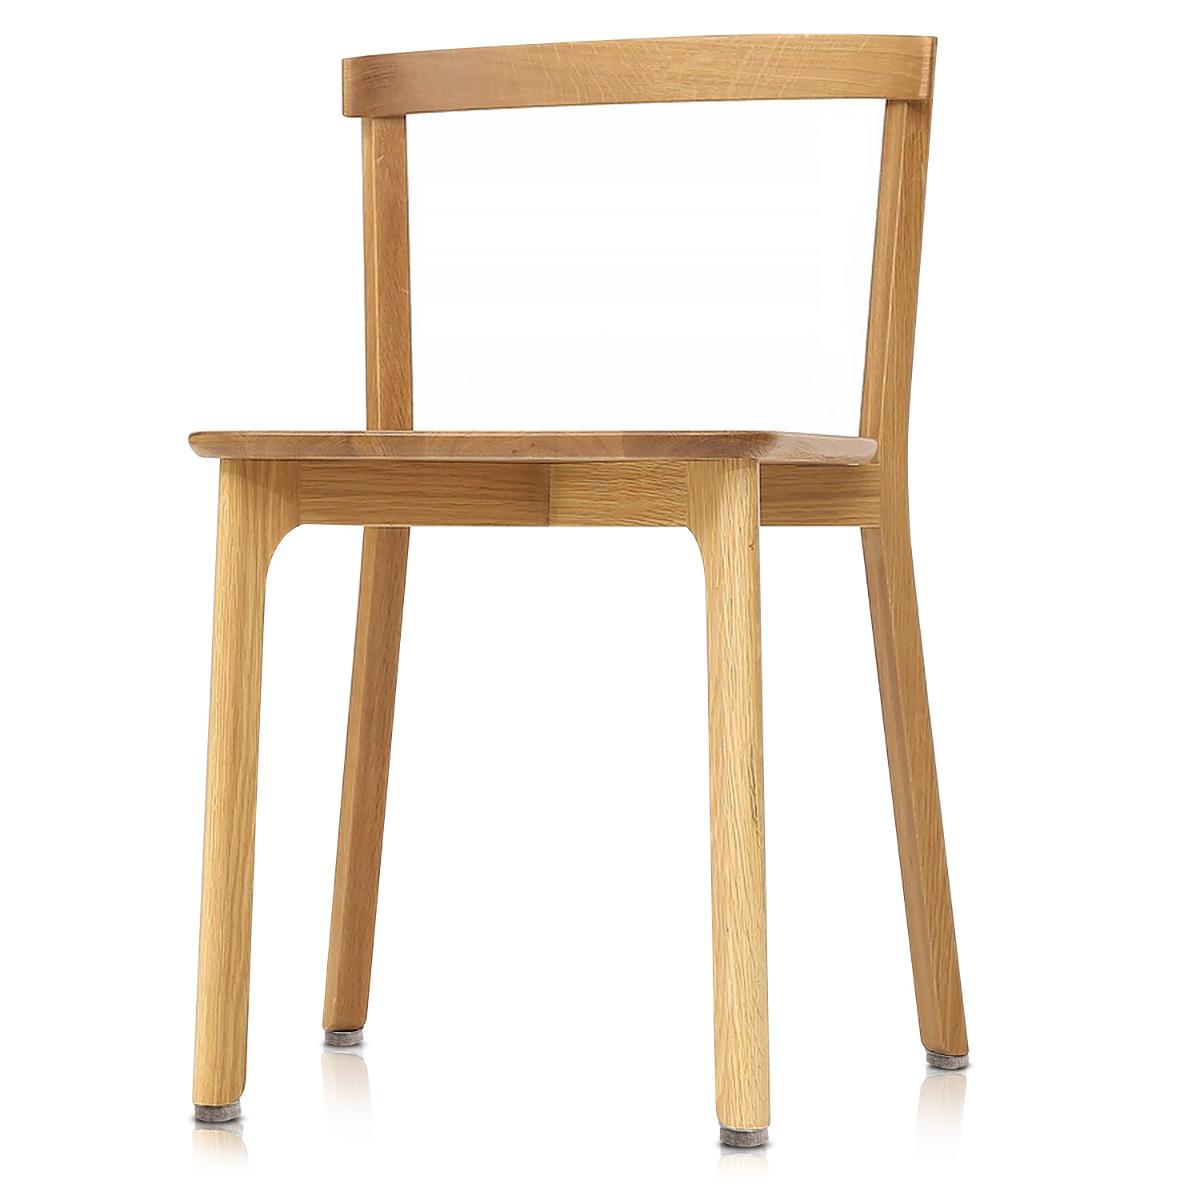 20x gleiter mit schraube filzgleiter bodenschutz stuhlgleiter st hle schutz ebay. Black Bedroom Furniture Sets. Home Design Ideas